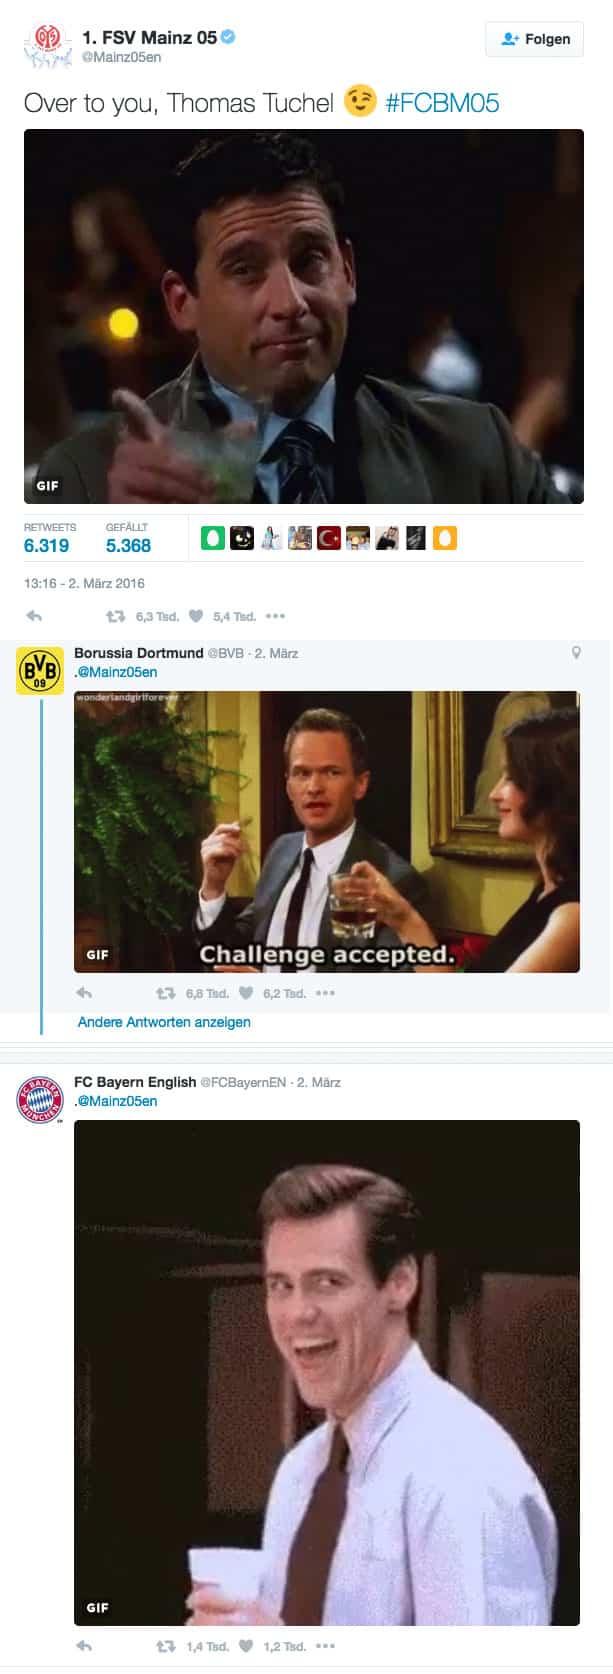 Mainz 05 BVB FC Bayern Twitter